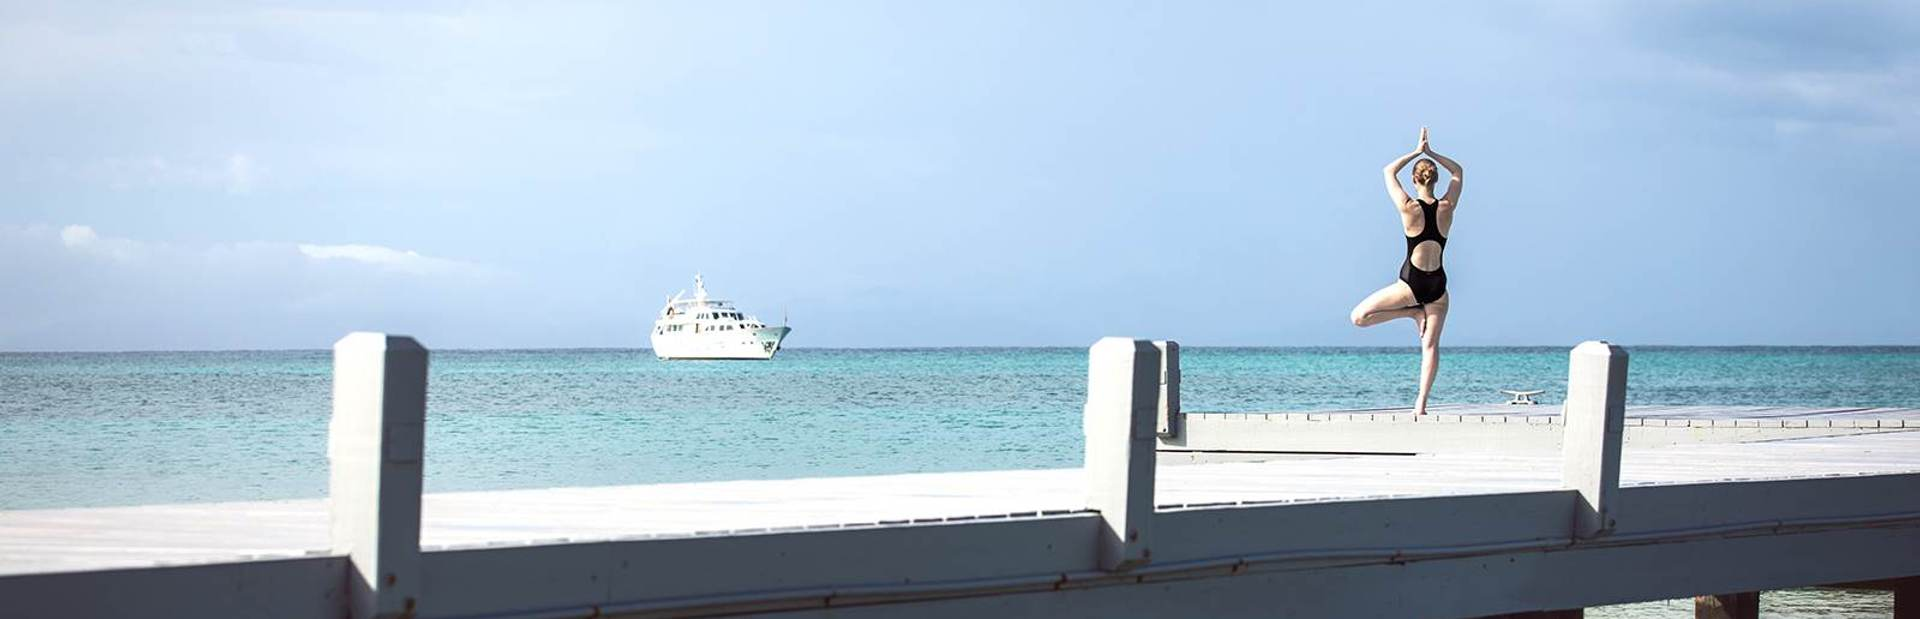 Blue Spa at Carlisle Bay, Antigua Image 1